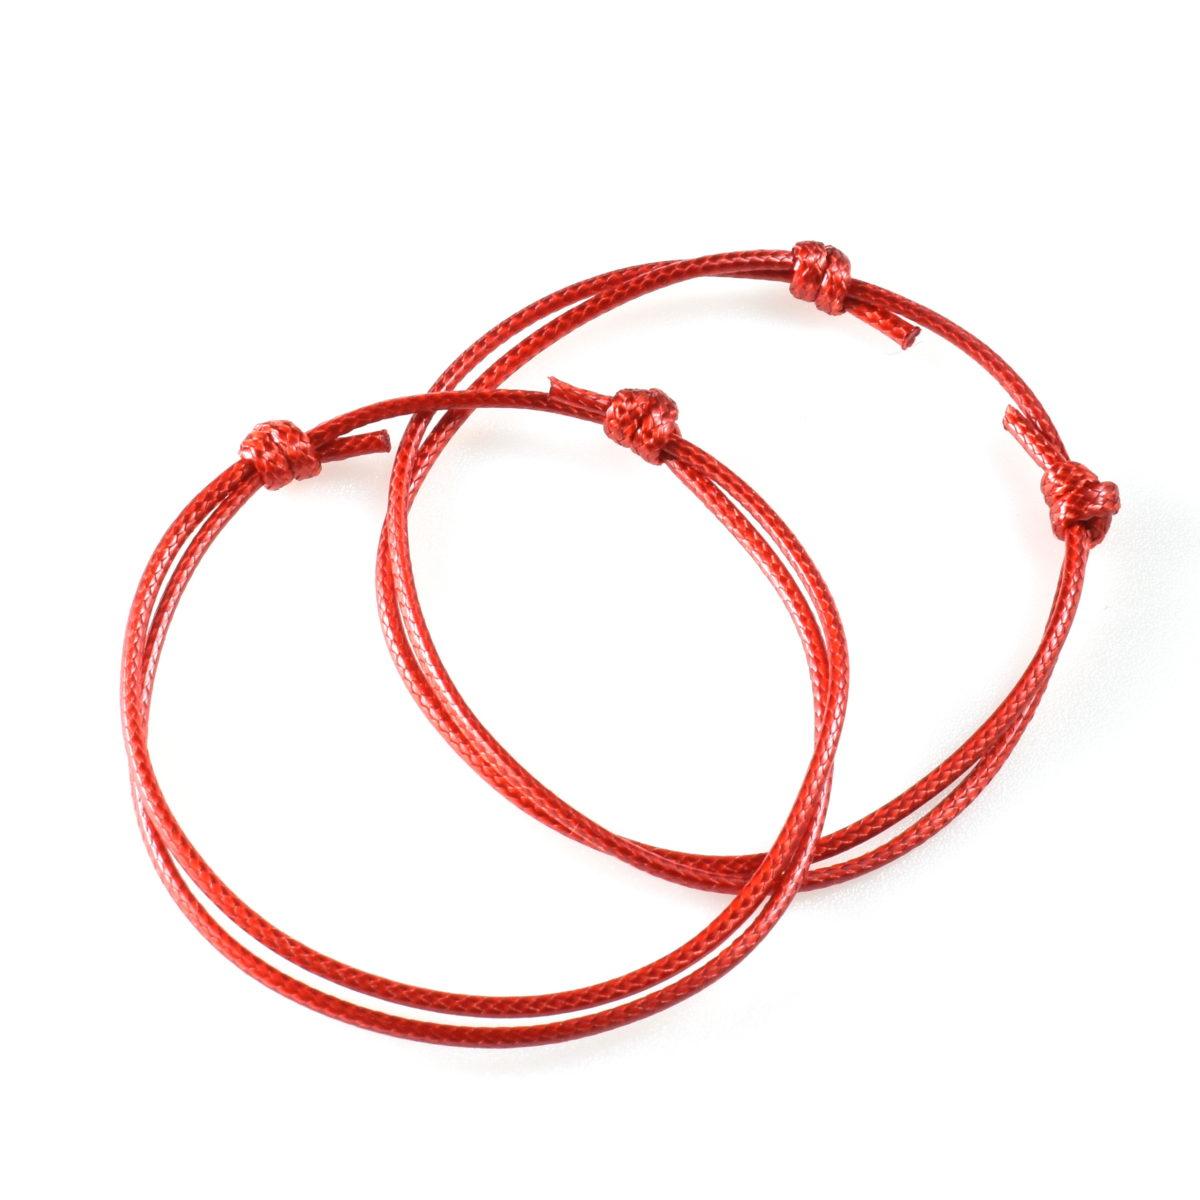 Шнурки красного цвета на руку для защиты от сглаза